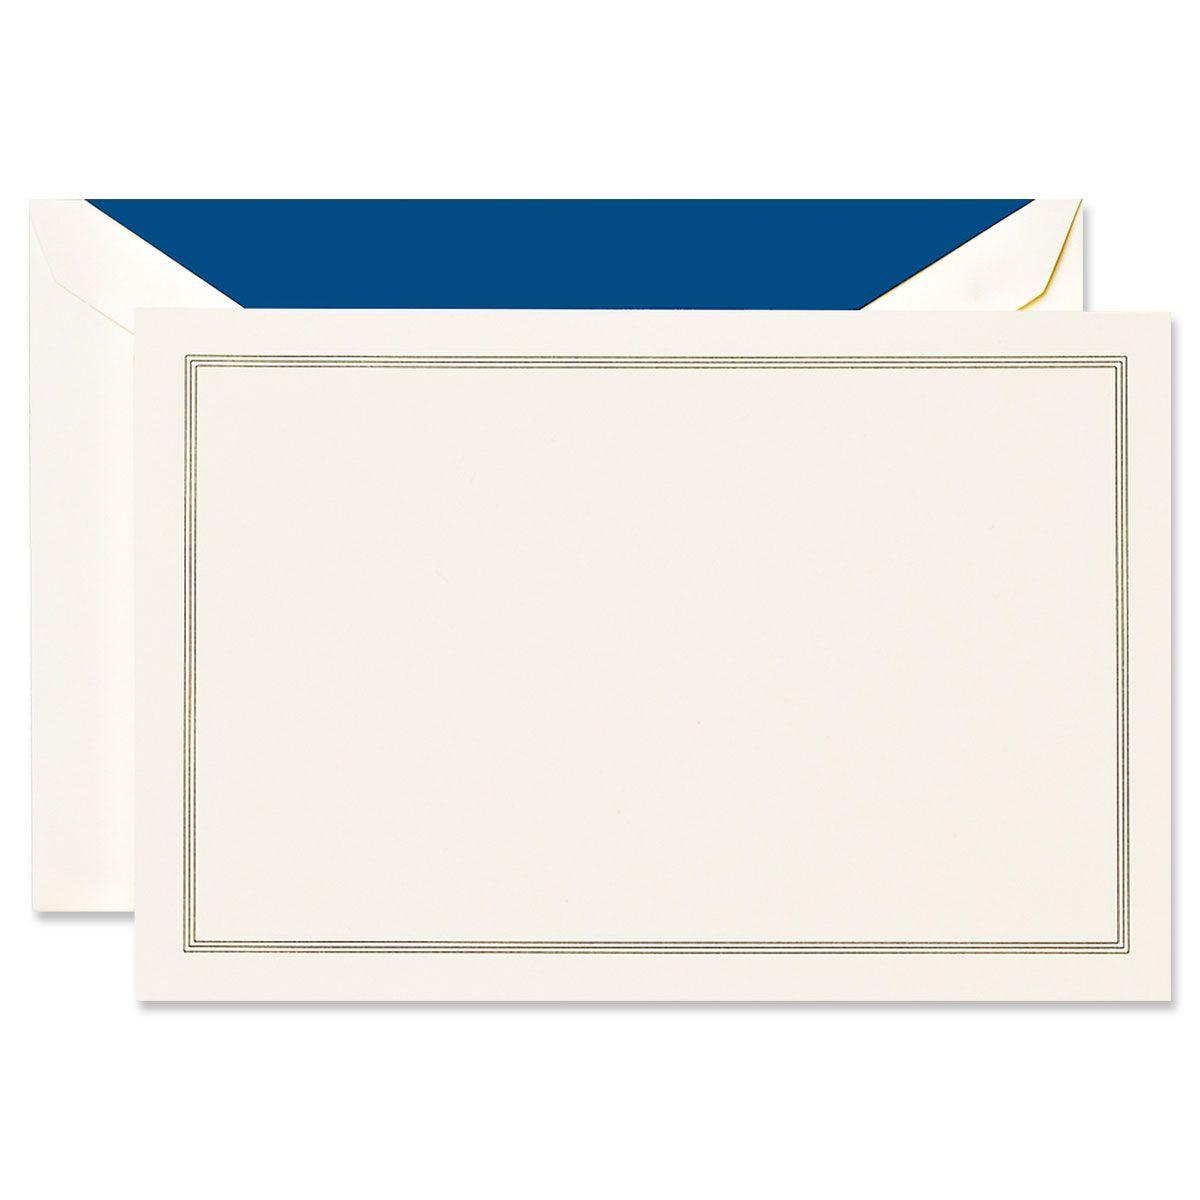 Regent Blue Triple Hairline Frame Ecru Correspondence Cards Boxed Set